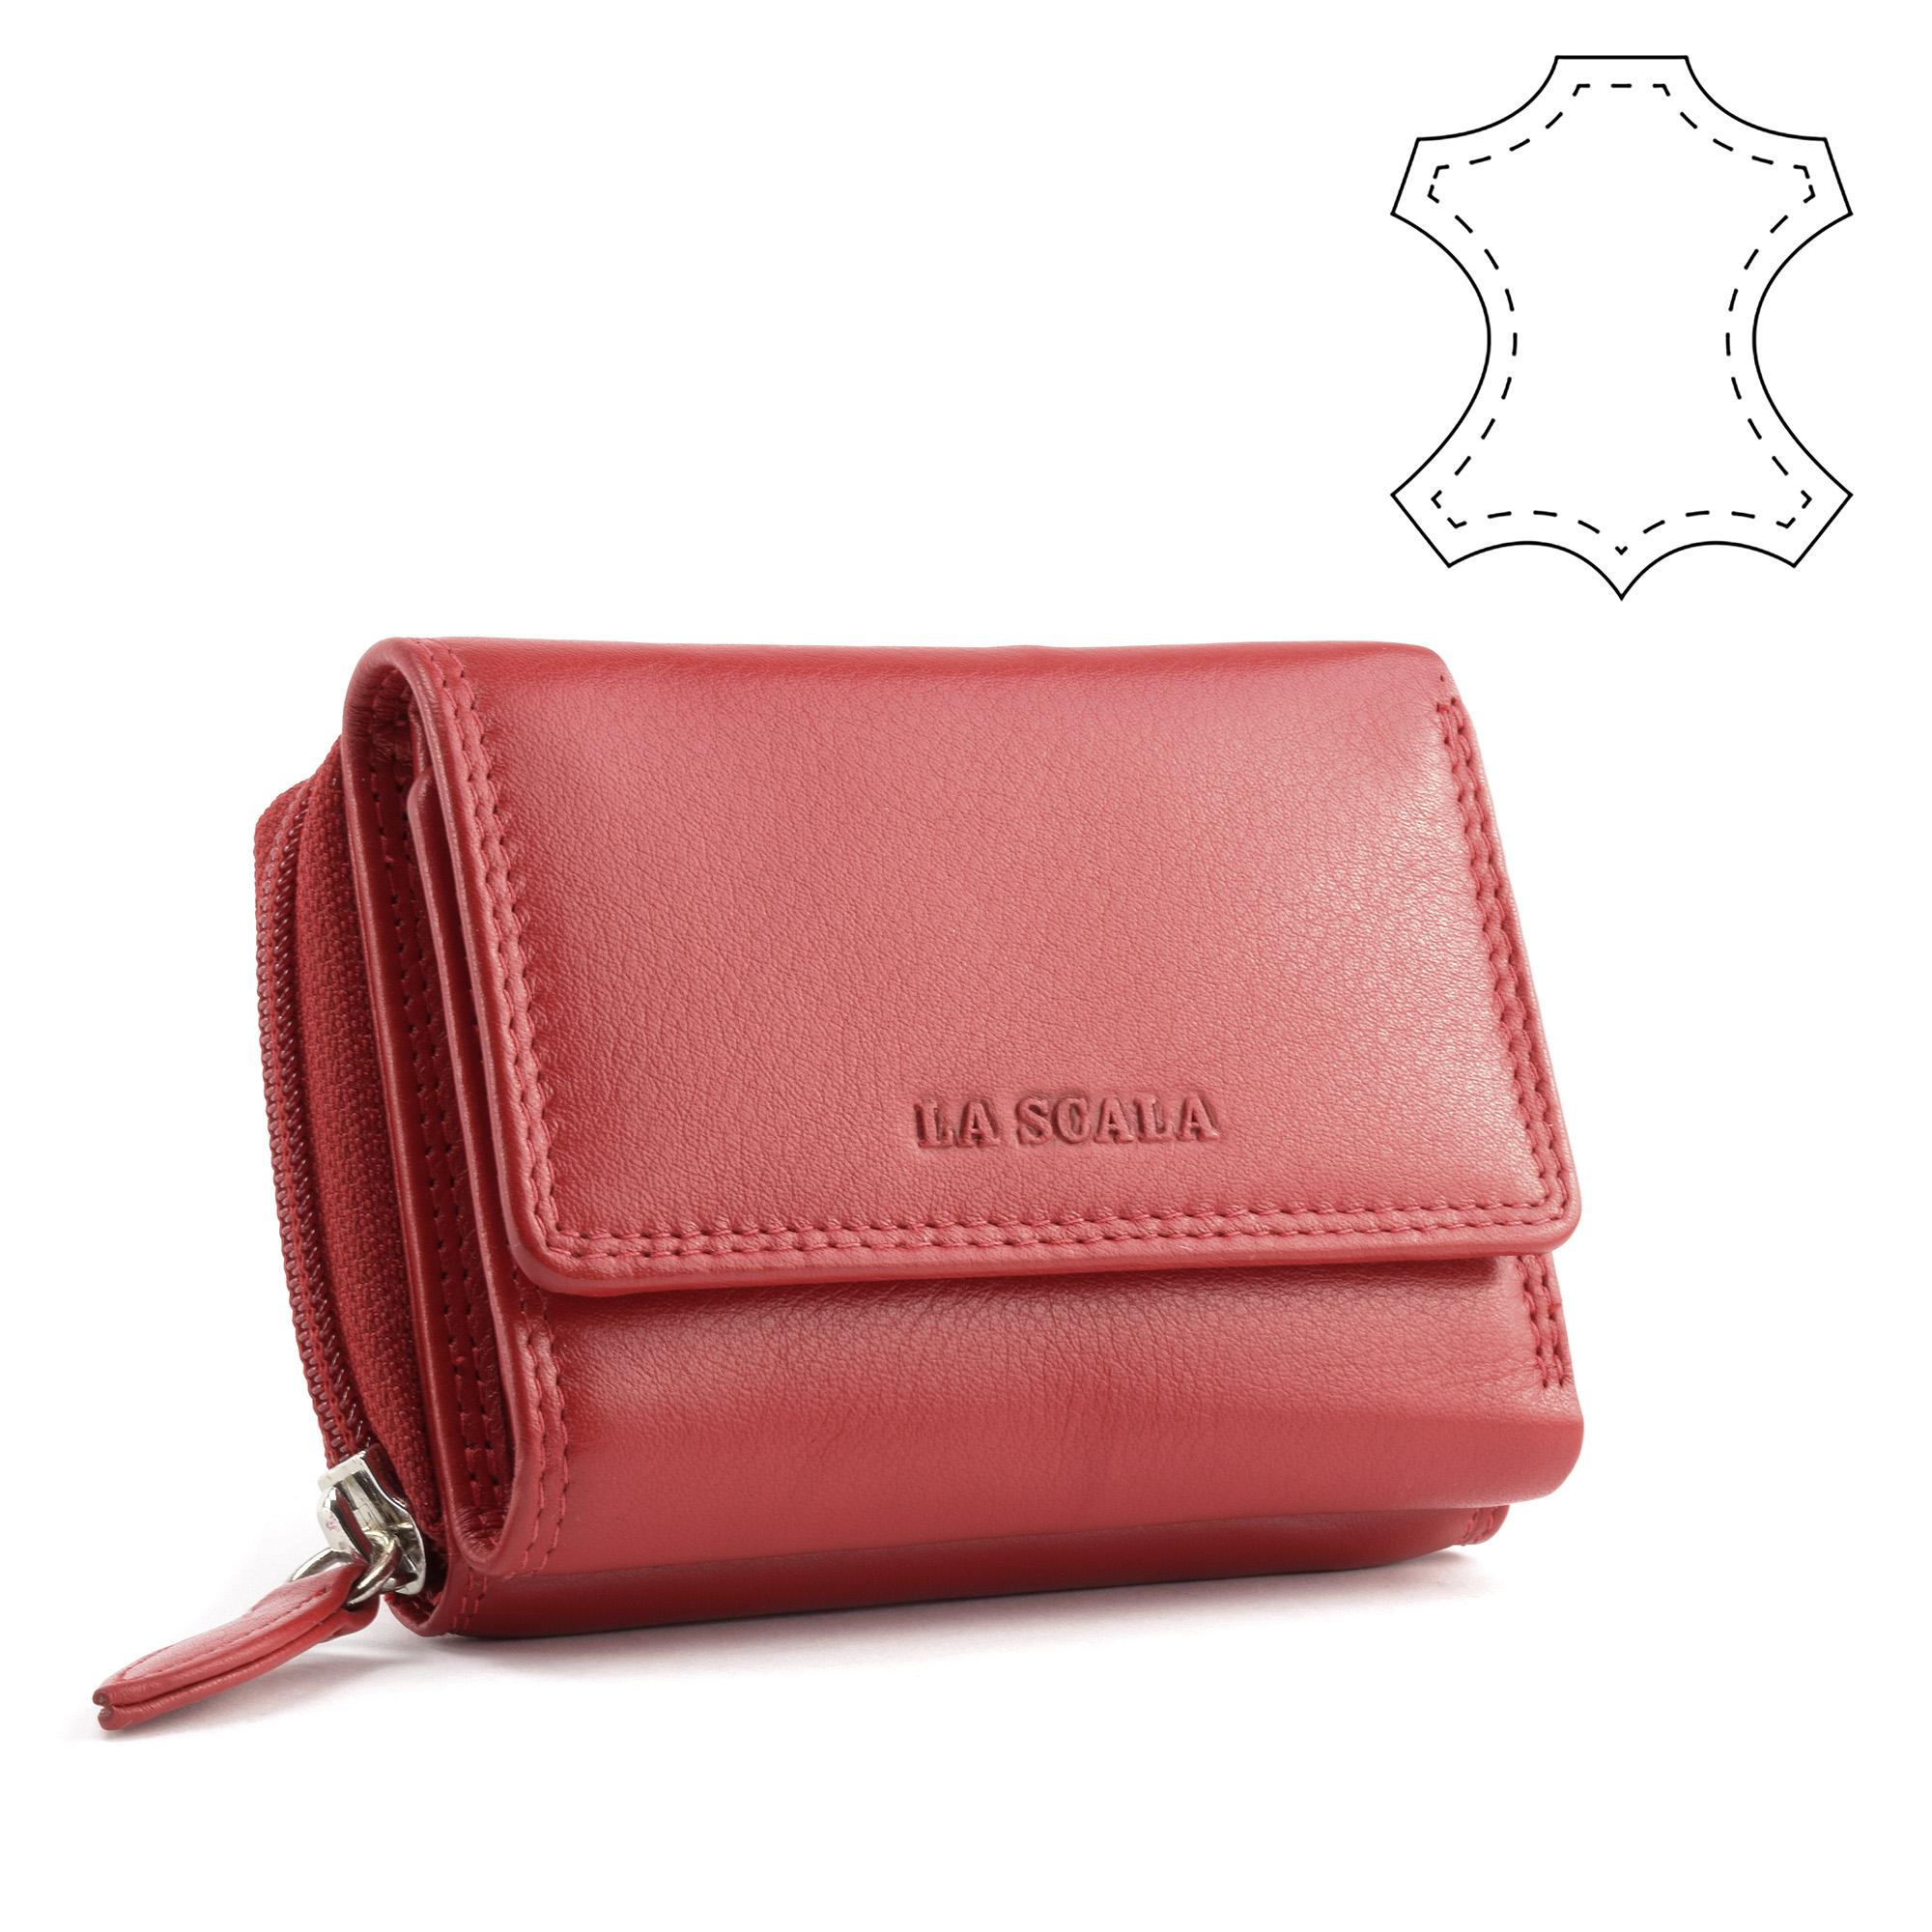 904a6d3500 La Scala női bordó bőr pénztárca - NŐI PÉNZTÁRCÁK - Táska webáruház - Minőségi  táskák mindenkinek